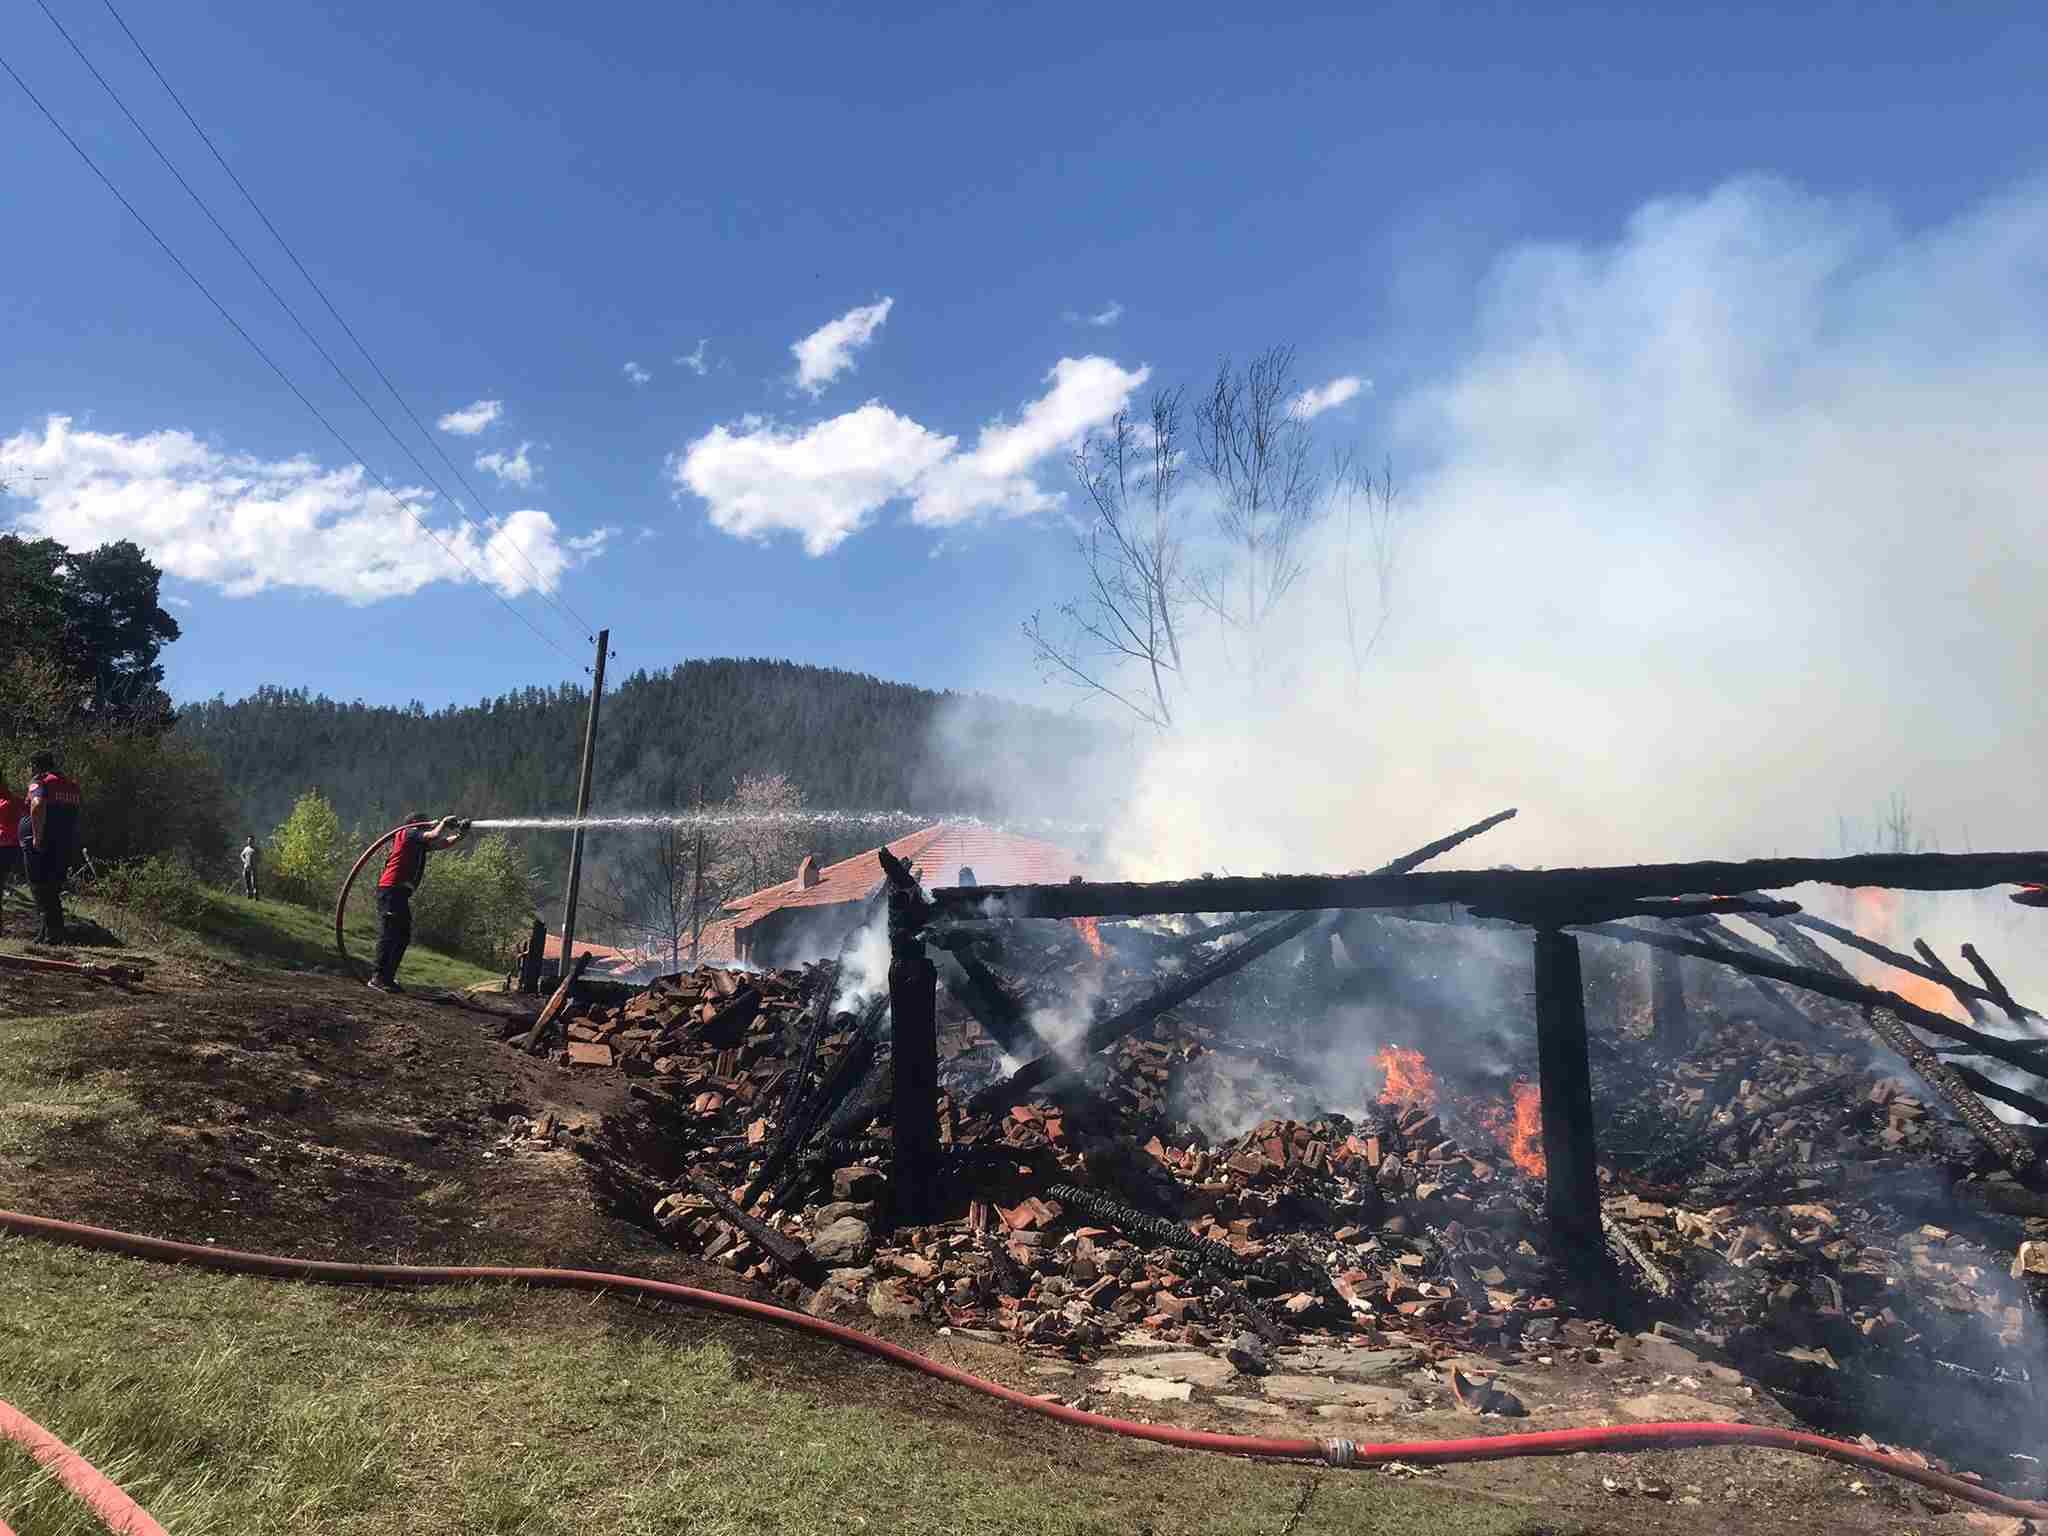 GÜNCELLEME - Kastamonu'da evinde yangın çıkan engelli kişi hayatını kaybetti